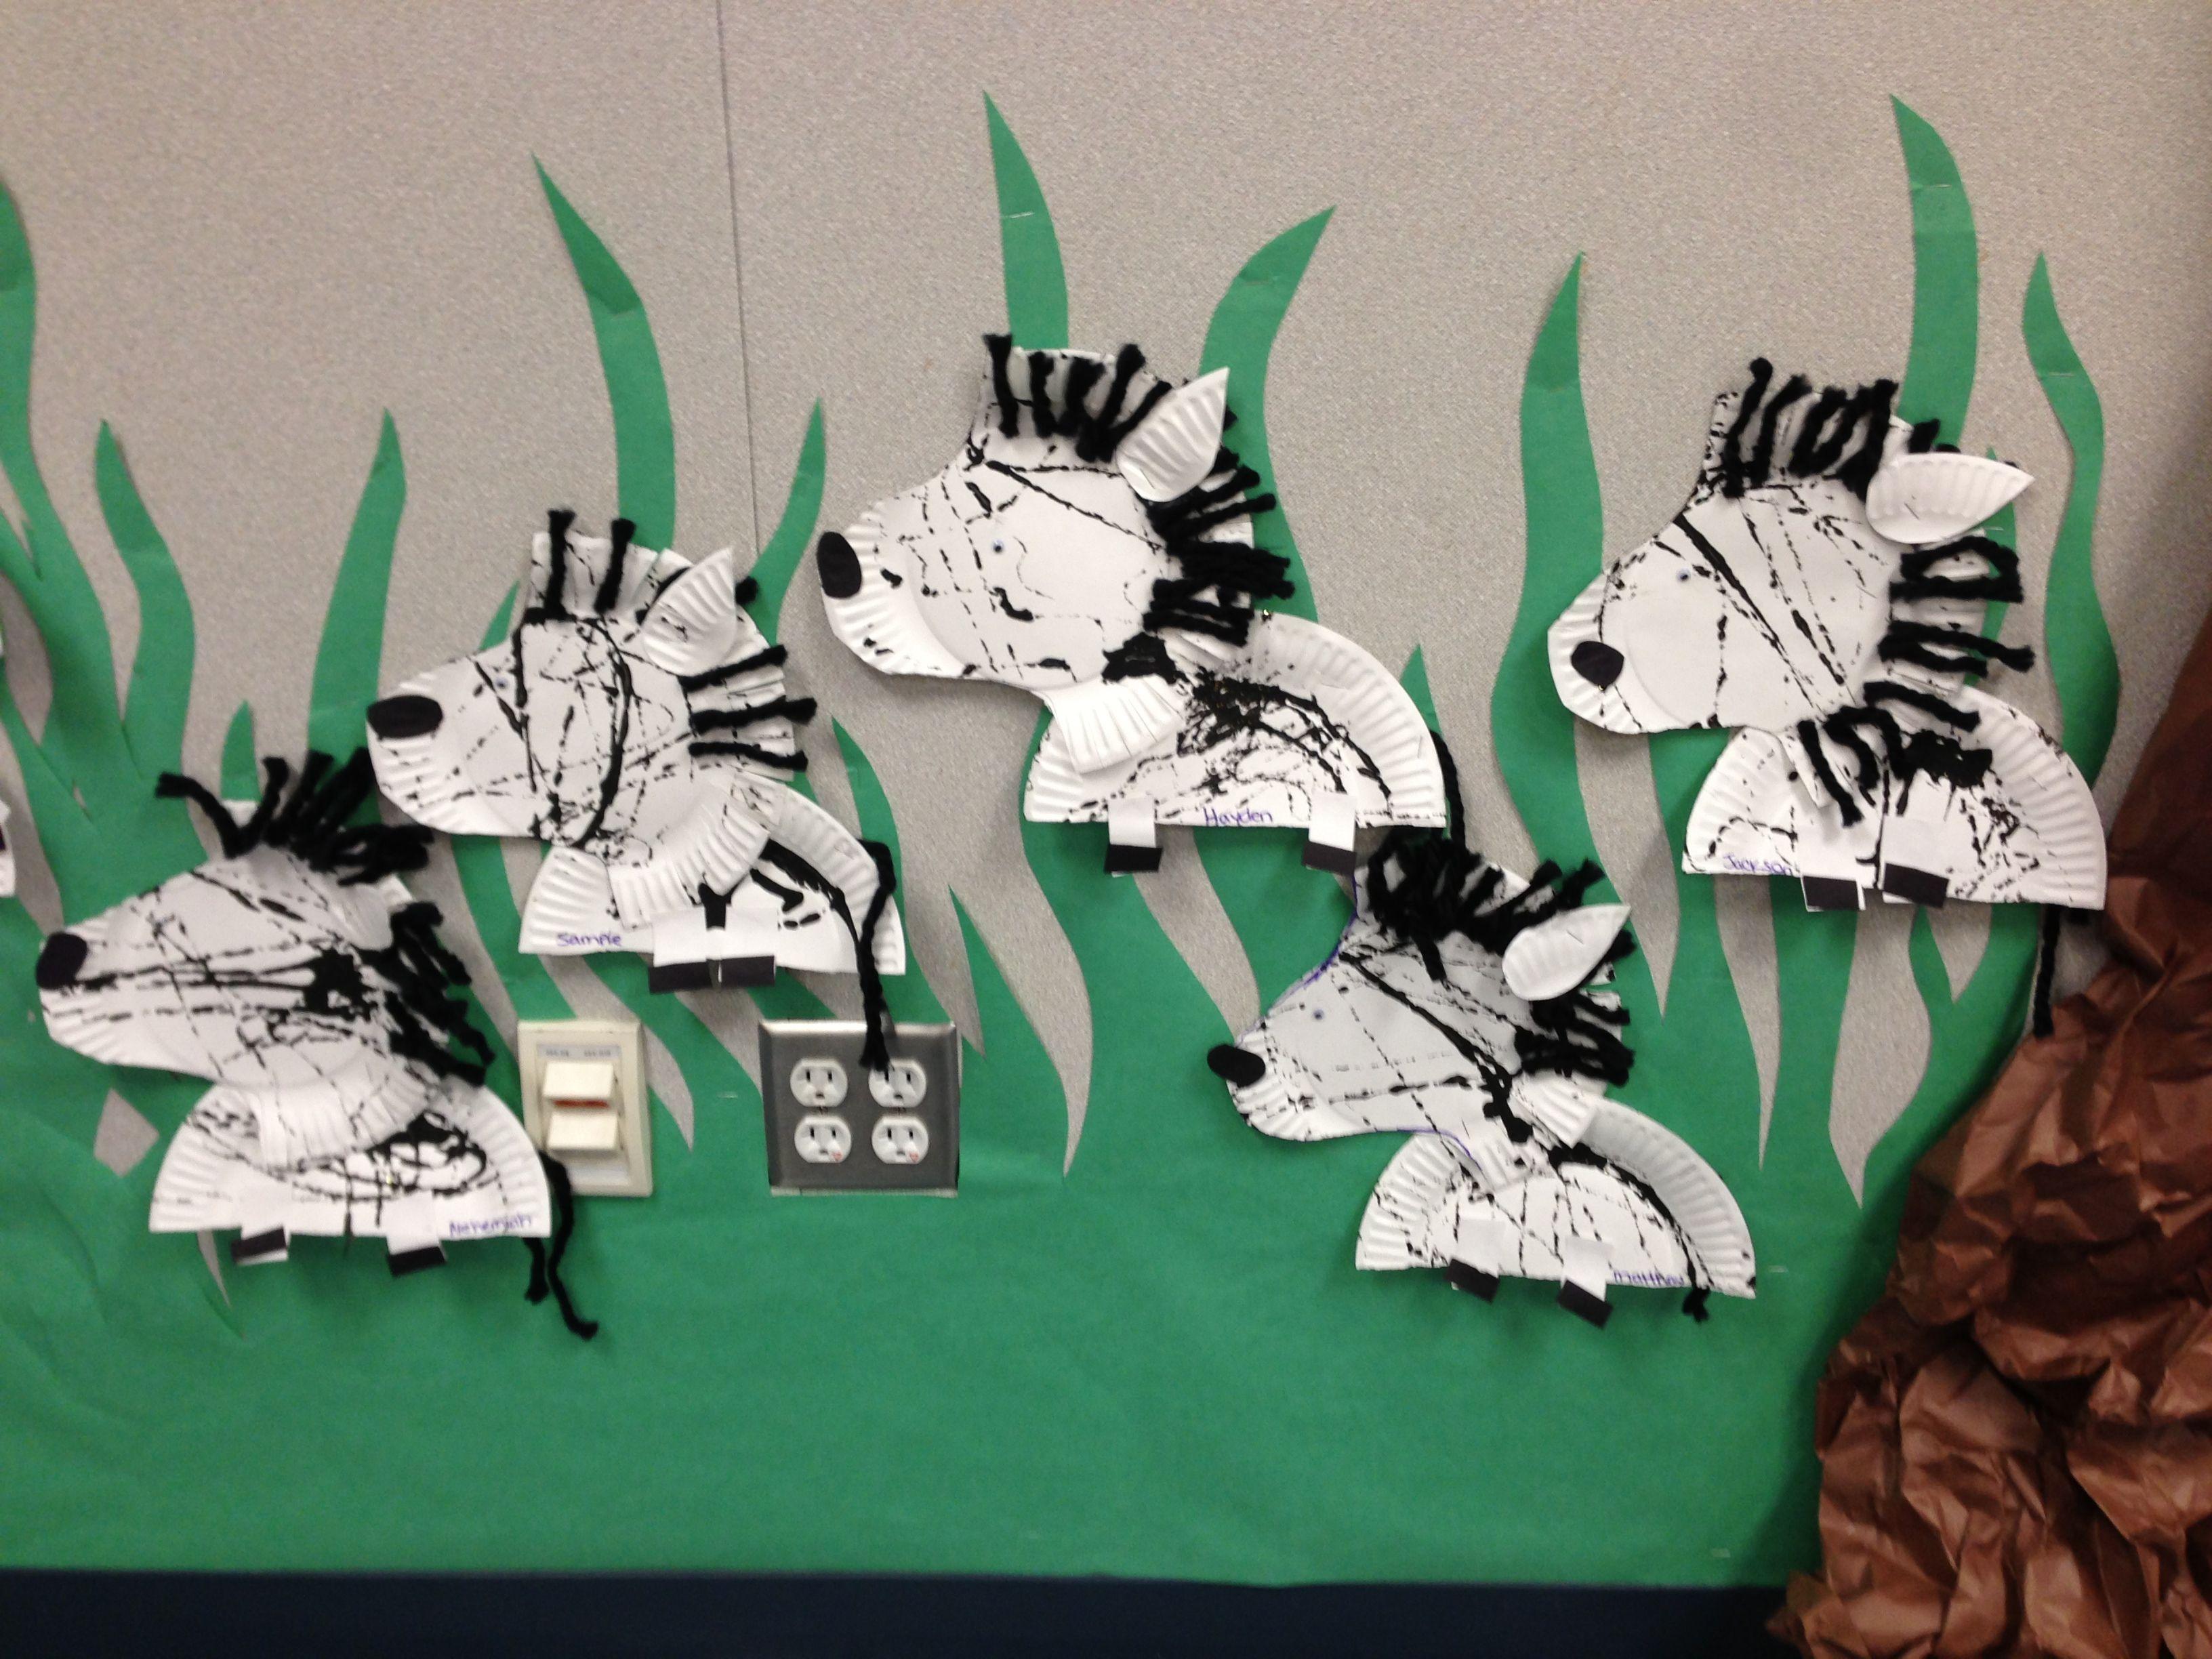 Zebra Craft For Preschool Or Kindergarten Plates Were